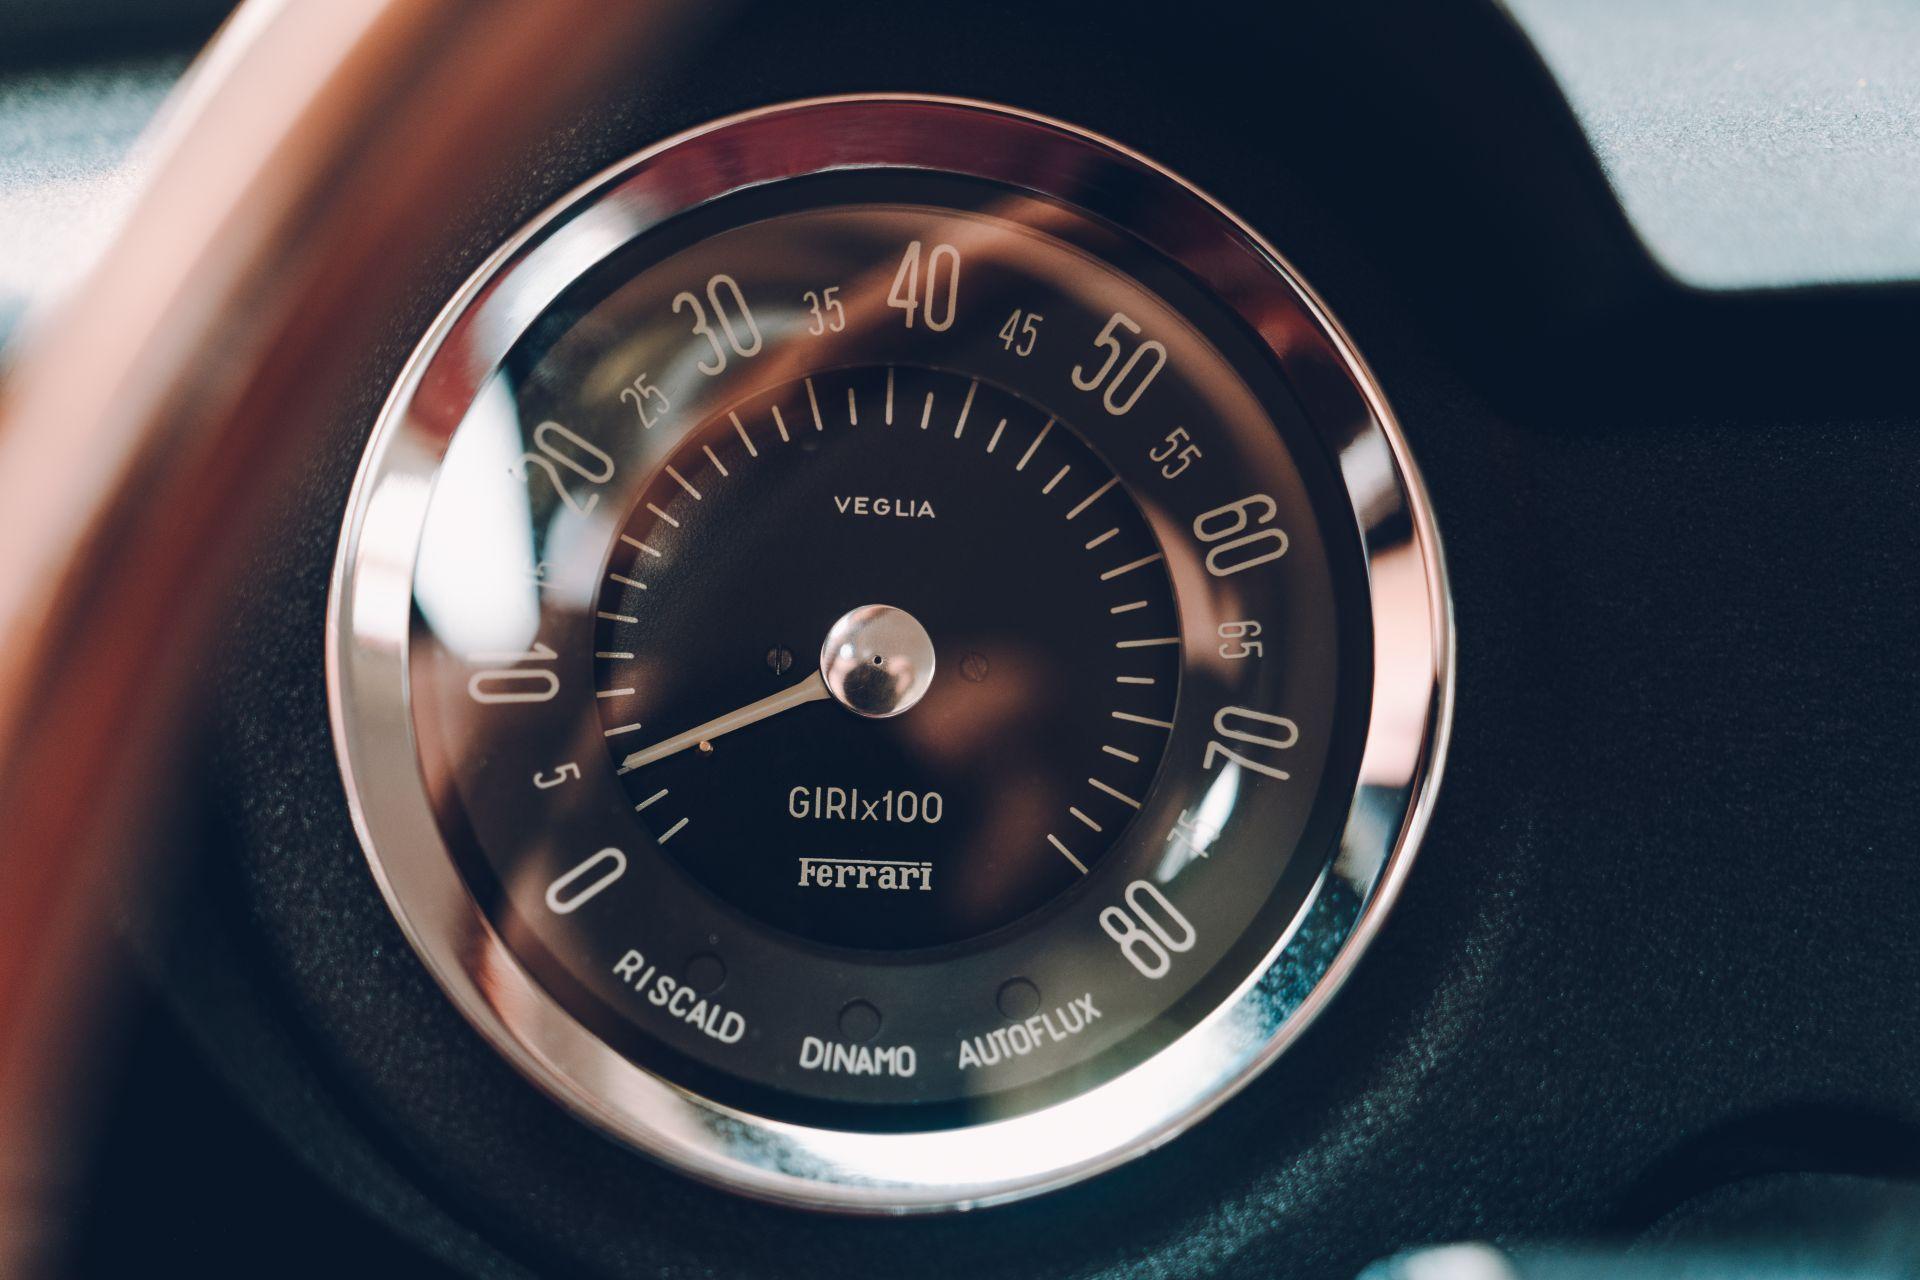 Ferrari-250-GT-SWB-Berlinetta-Competizione-Revival-by-GTO-Engineering-60